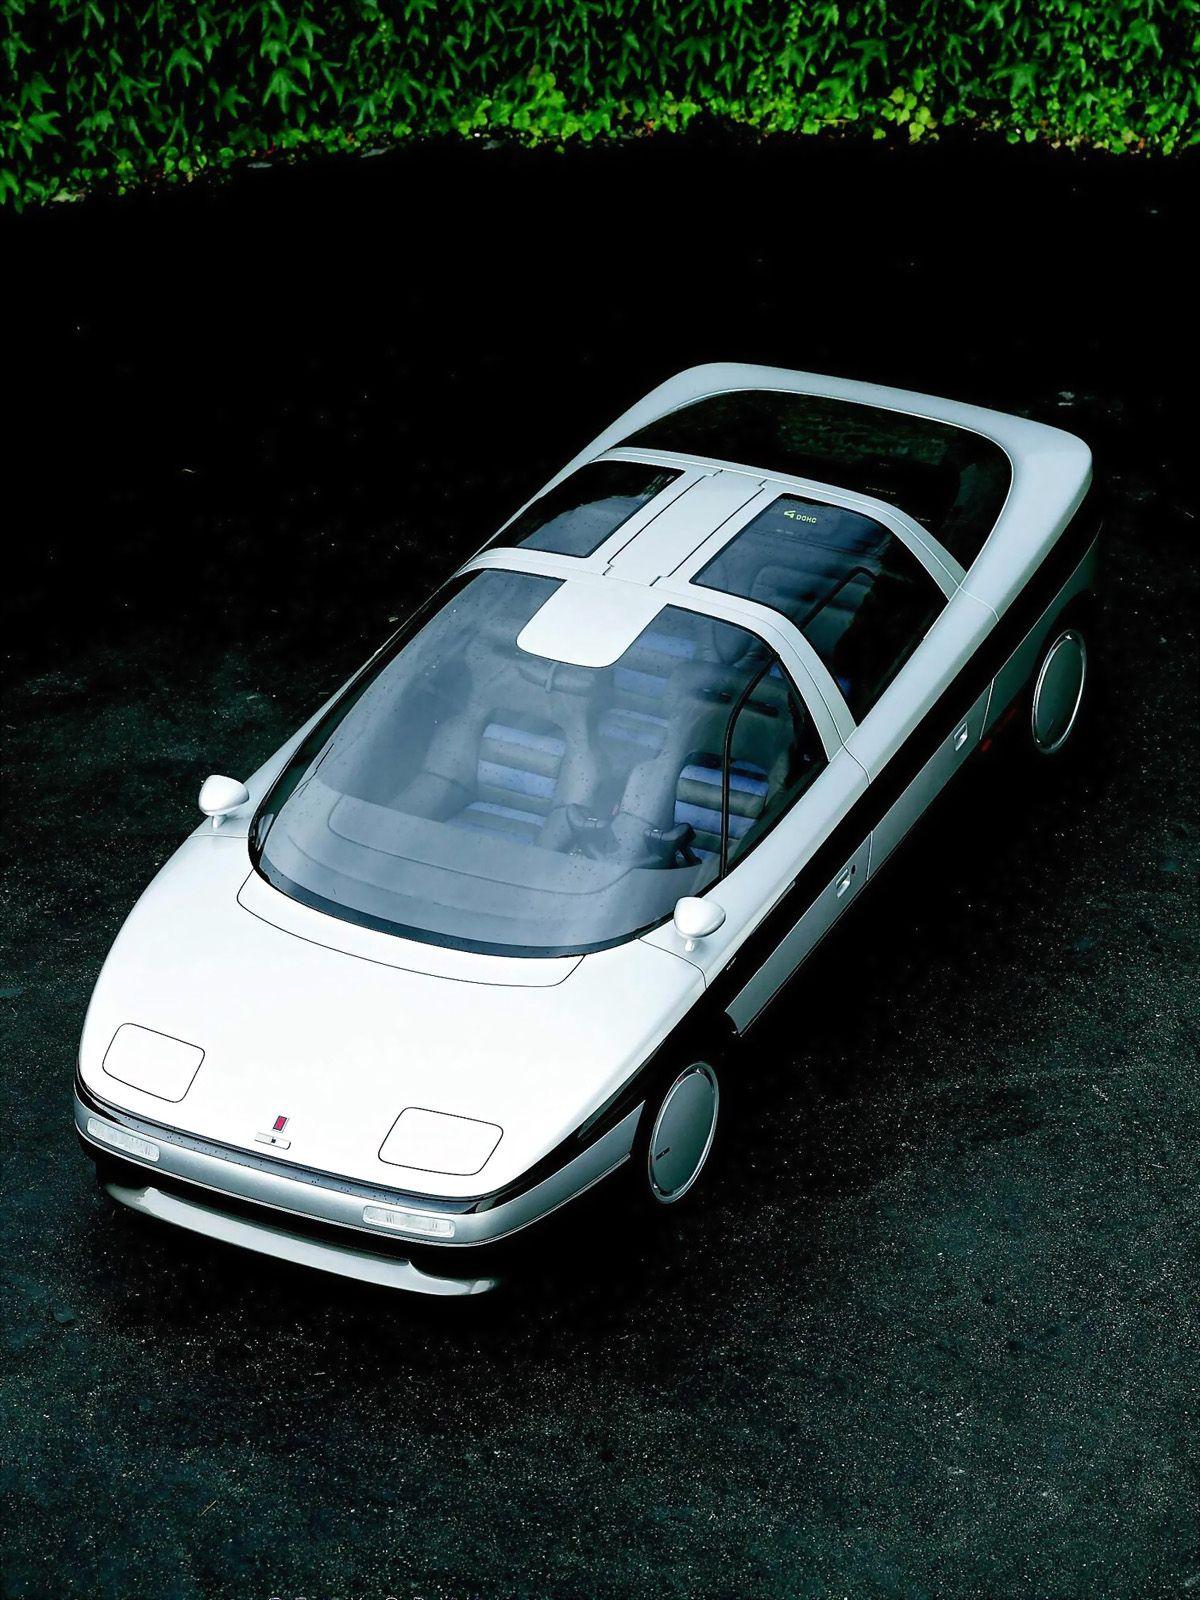 1986 Oldsmobile Incas Italdesign Studios Krutye Tachki Futuristicheskie Avtomobili Ekzoticheskie Avtomobili